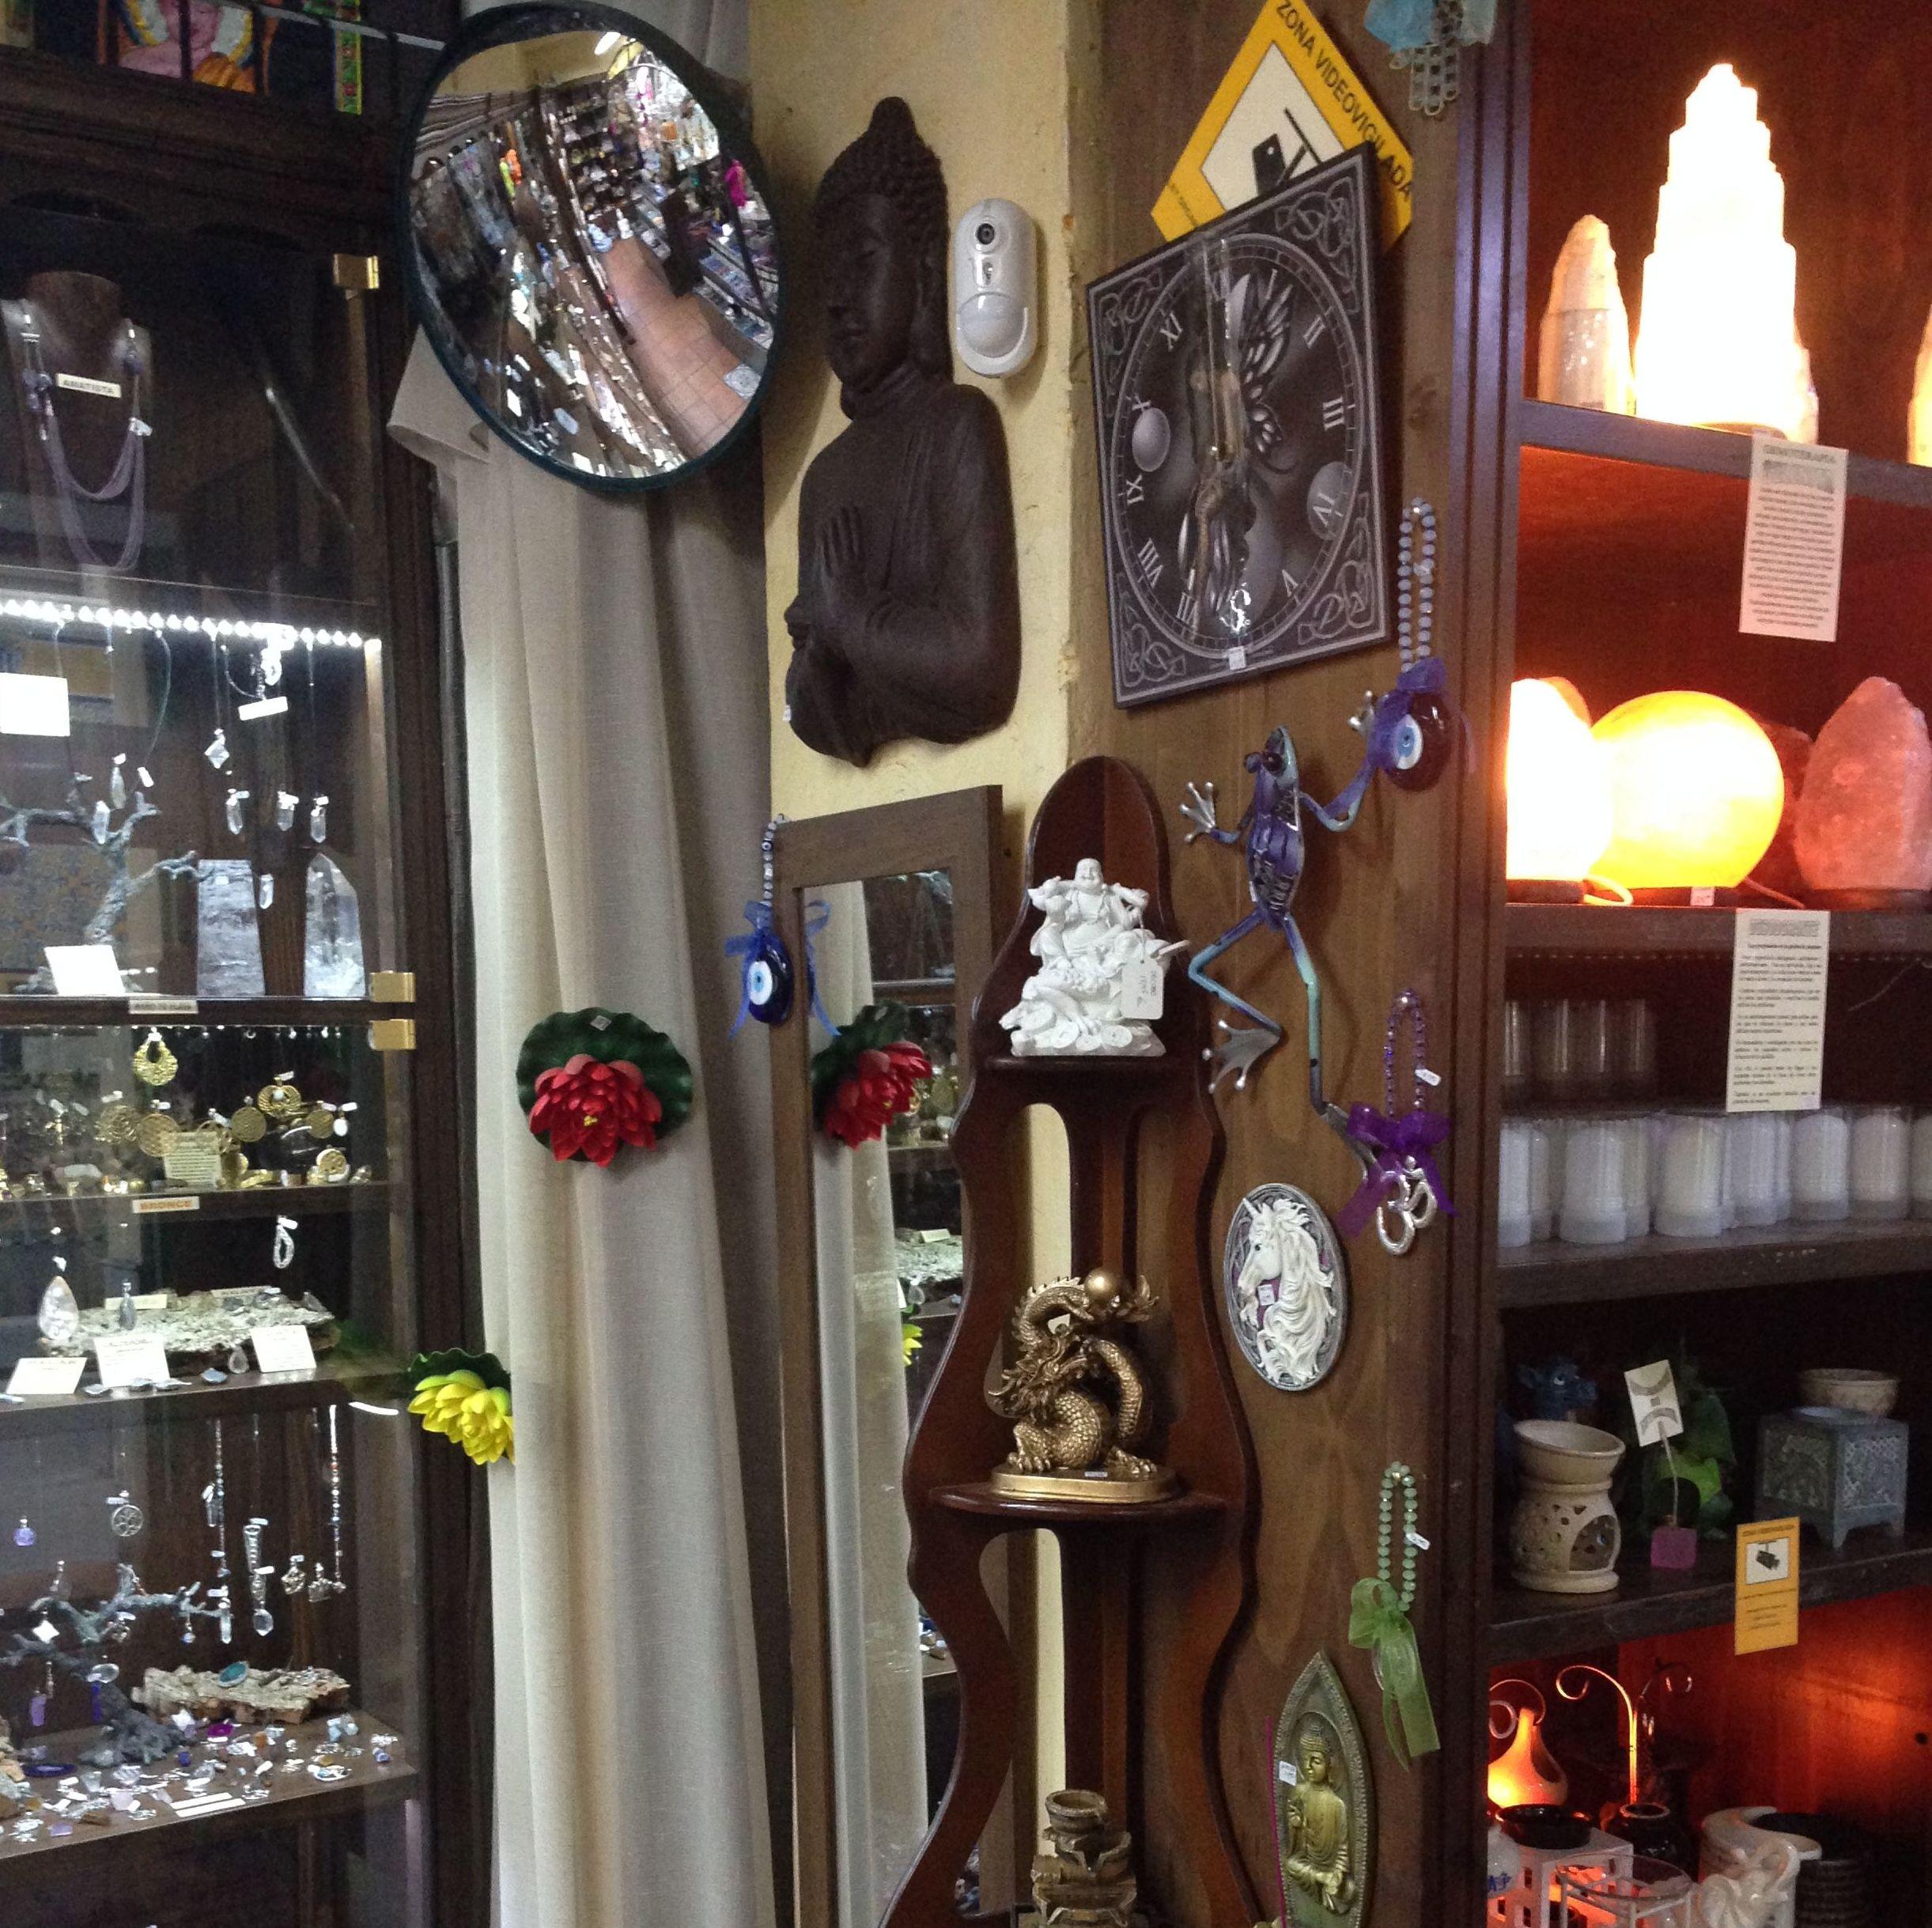 Foto 29 de Productos de astrología y esoterismo en València | Alumbra a Toda Vela